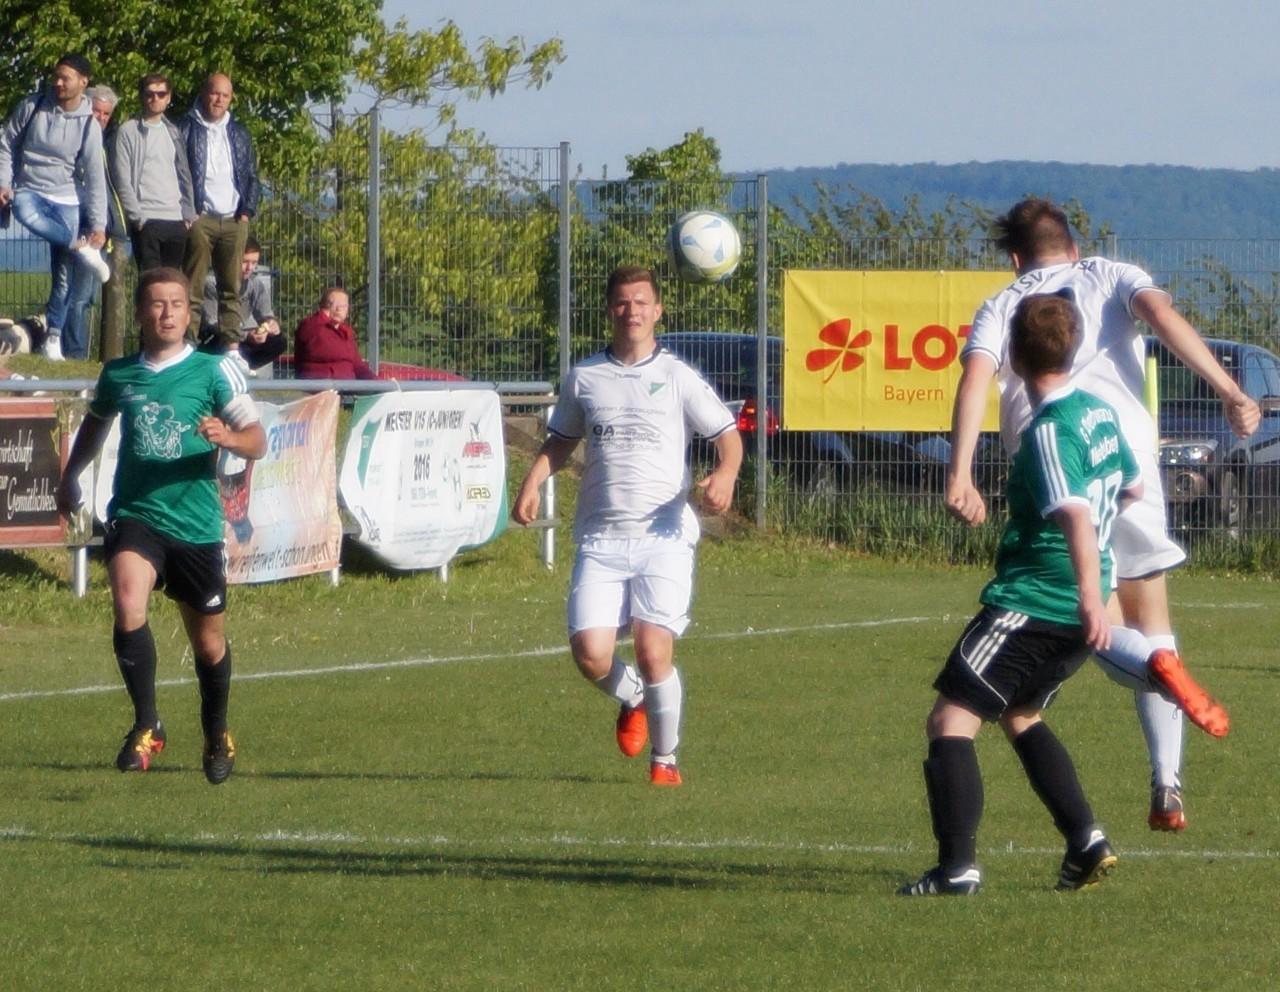 180501-DJK-Fussball-SGOW-1-Pokalendspiel-DSC09583